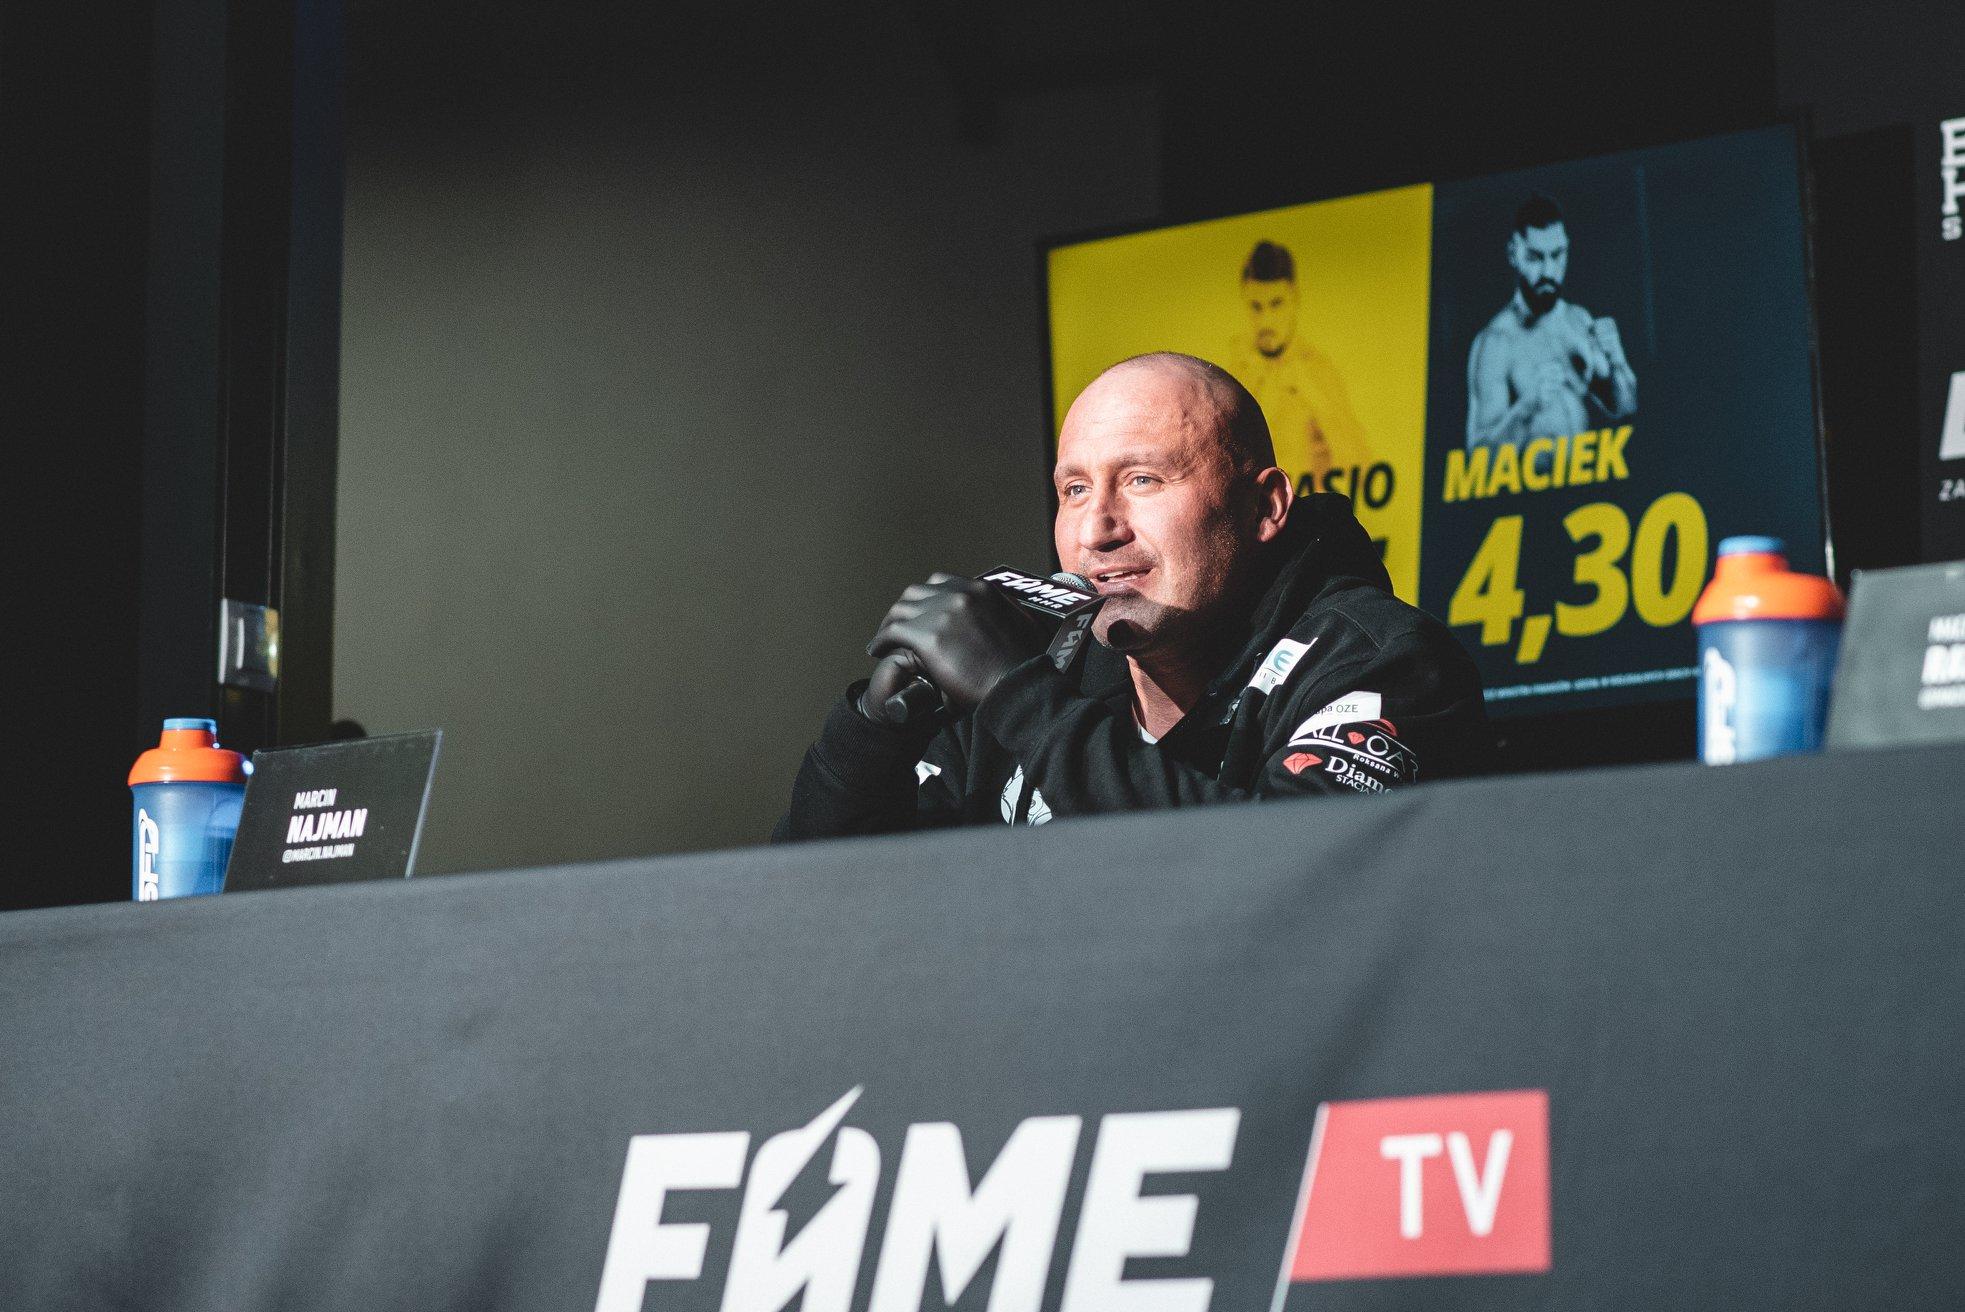 Katowice blokują galę. FAME MMA 6 z nową lokalizacją! - MMA PL - MMA PL